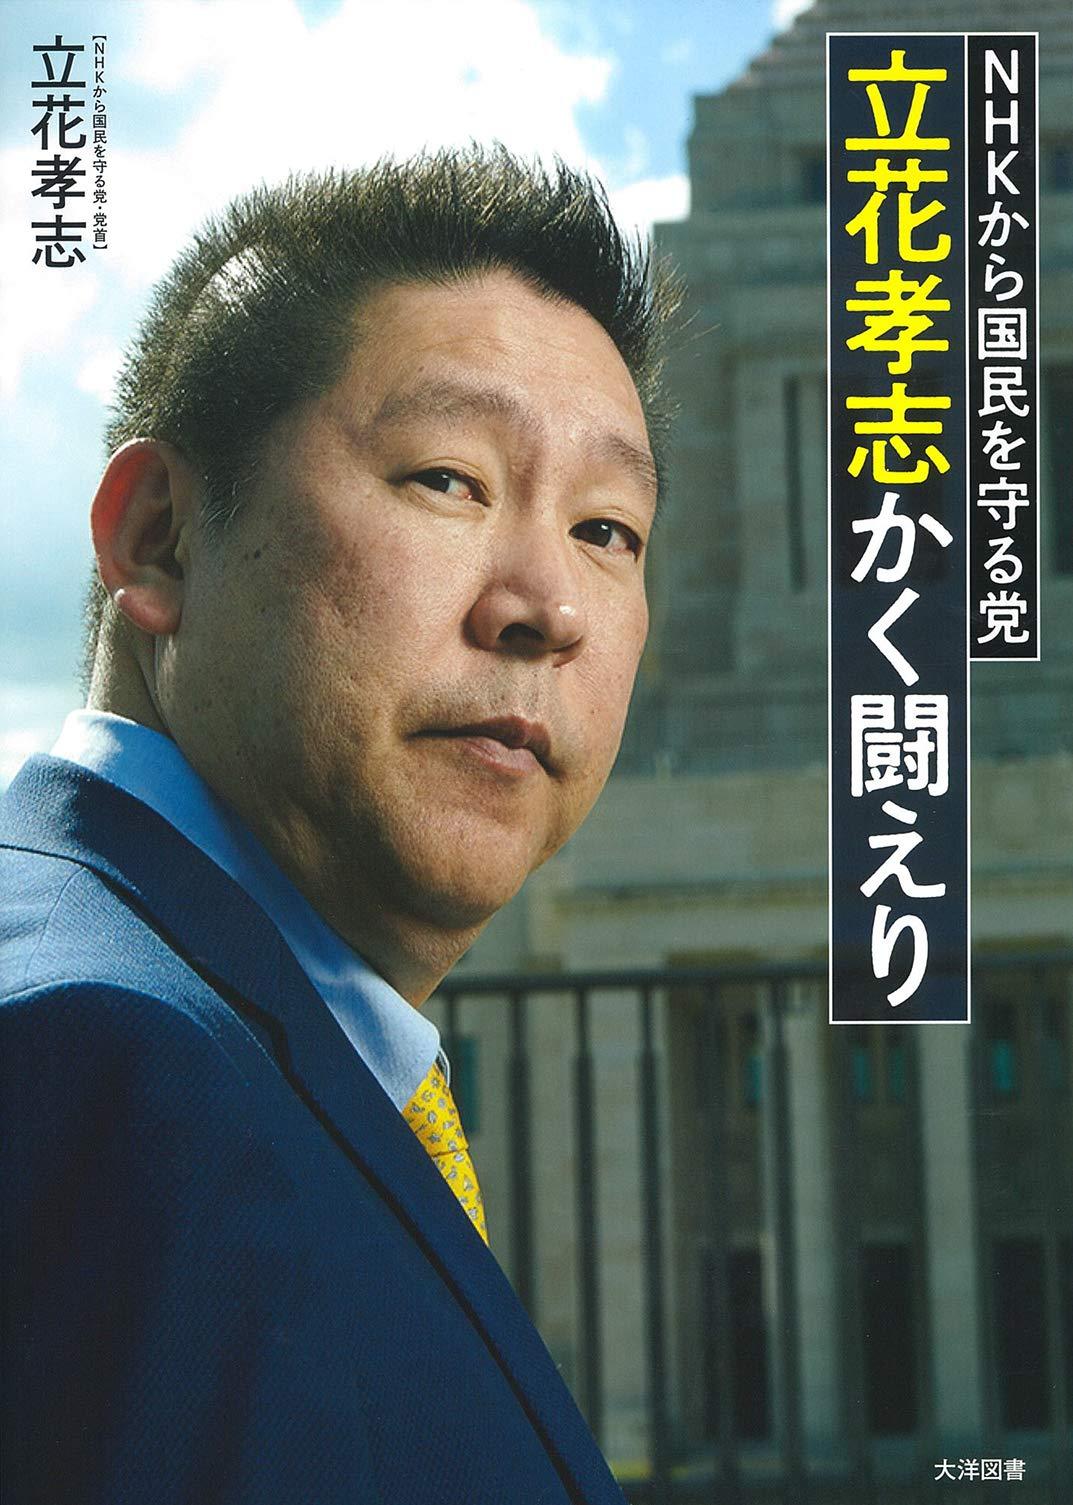 NHKから国民を守る党 立花孝志かく闘えり | 立花 孝志 |本 | 通販 | Amazon